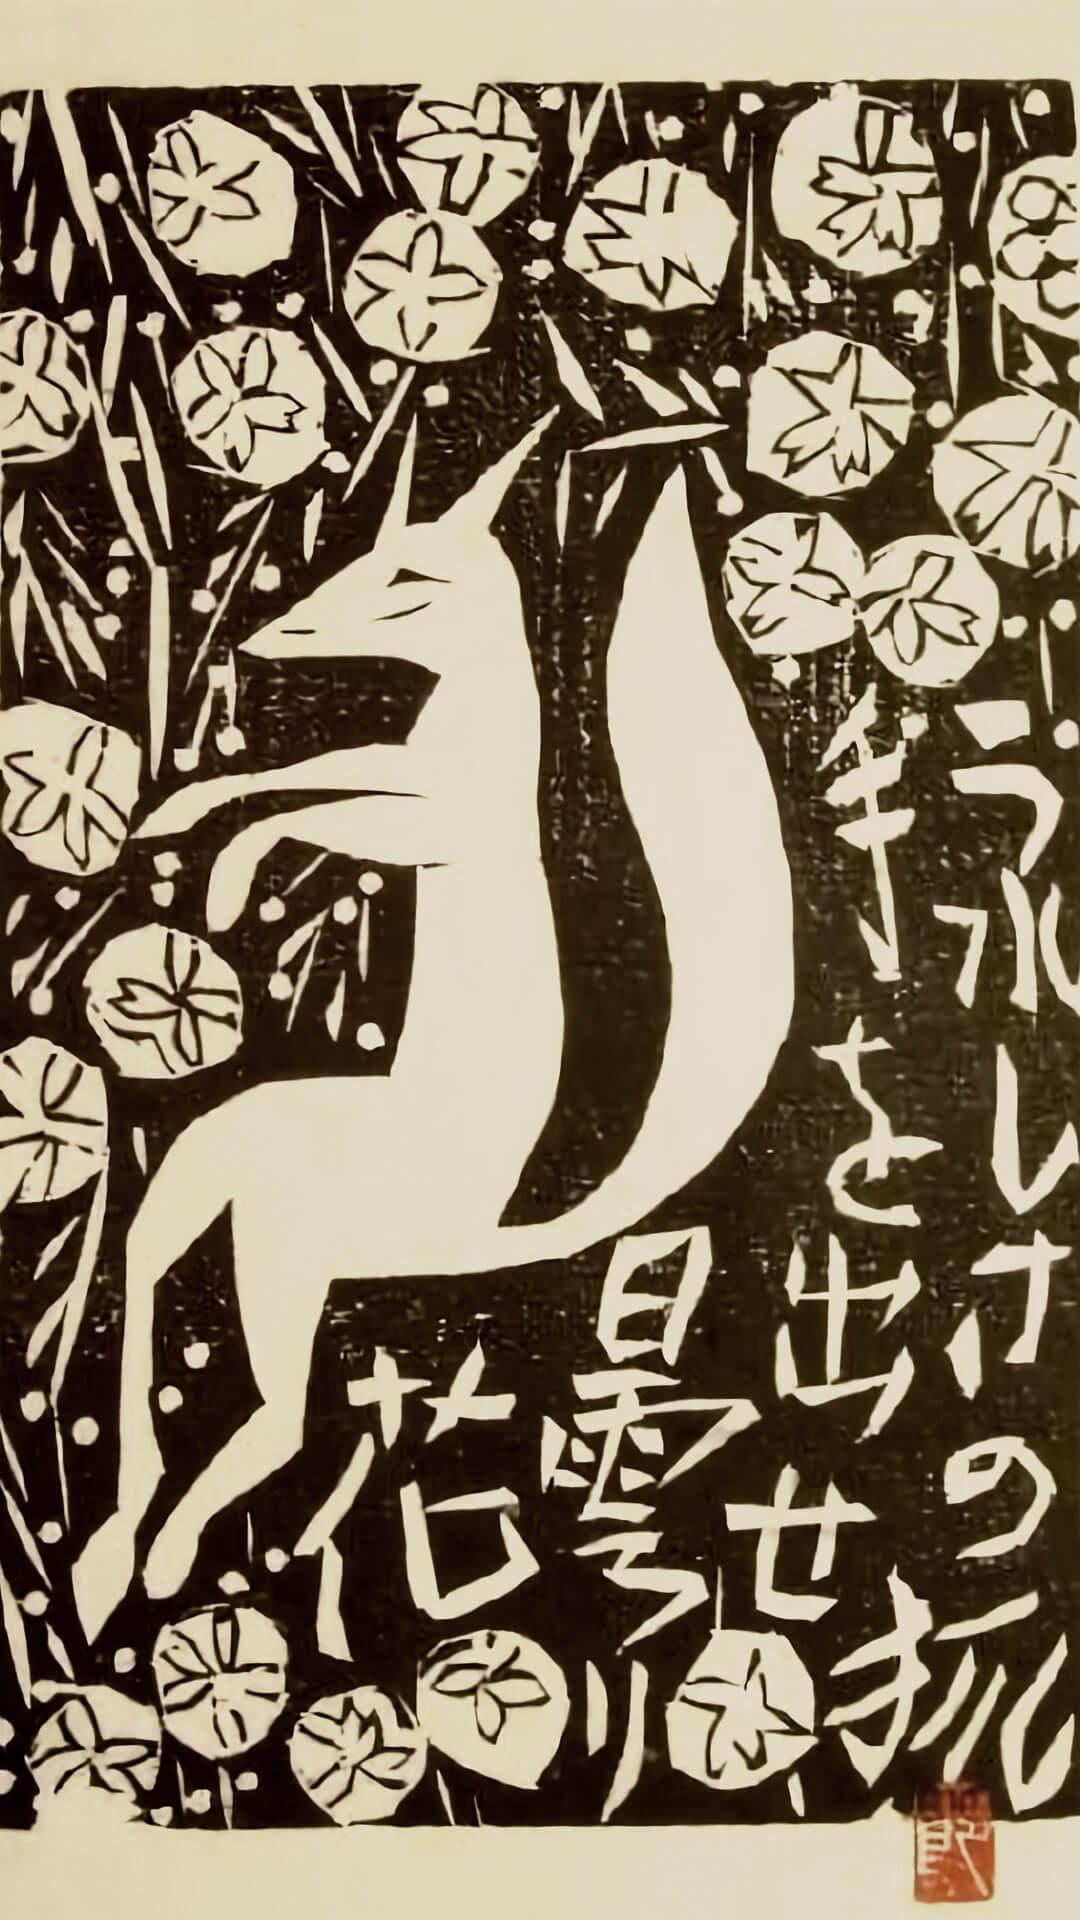 棟方志功 munakata shiko / うれしさの狐手を出せ曇り花